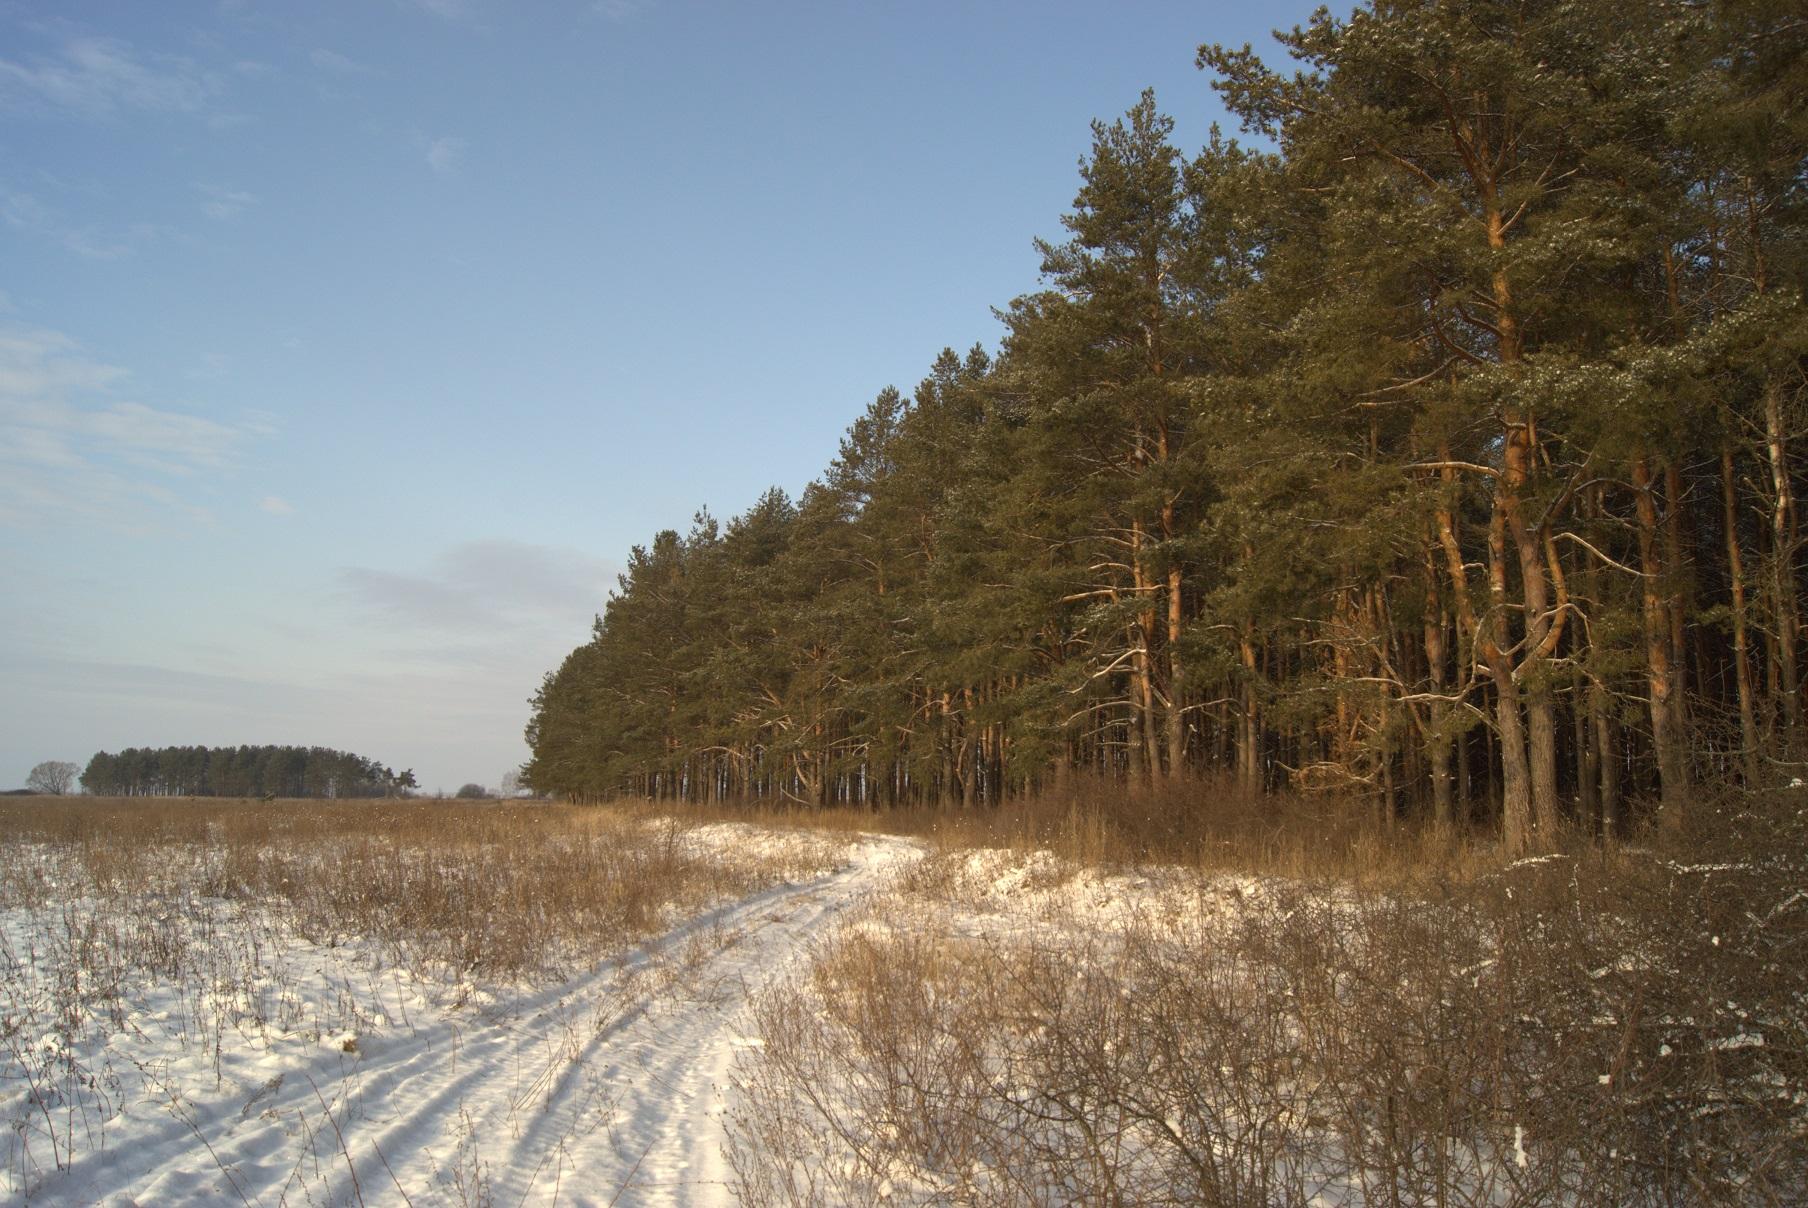 Сосенки - пойменный рукотворный островок леса